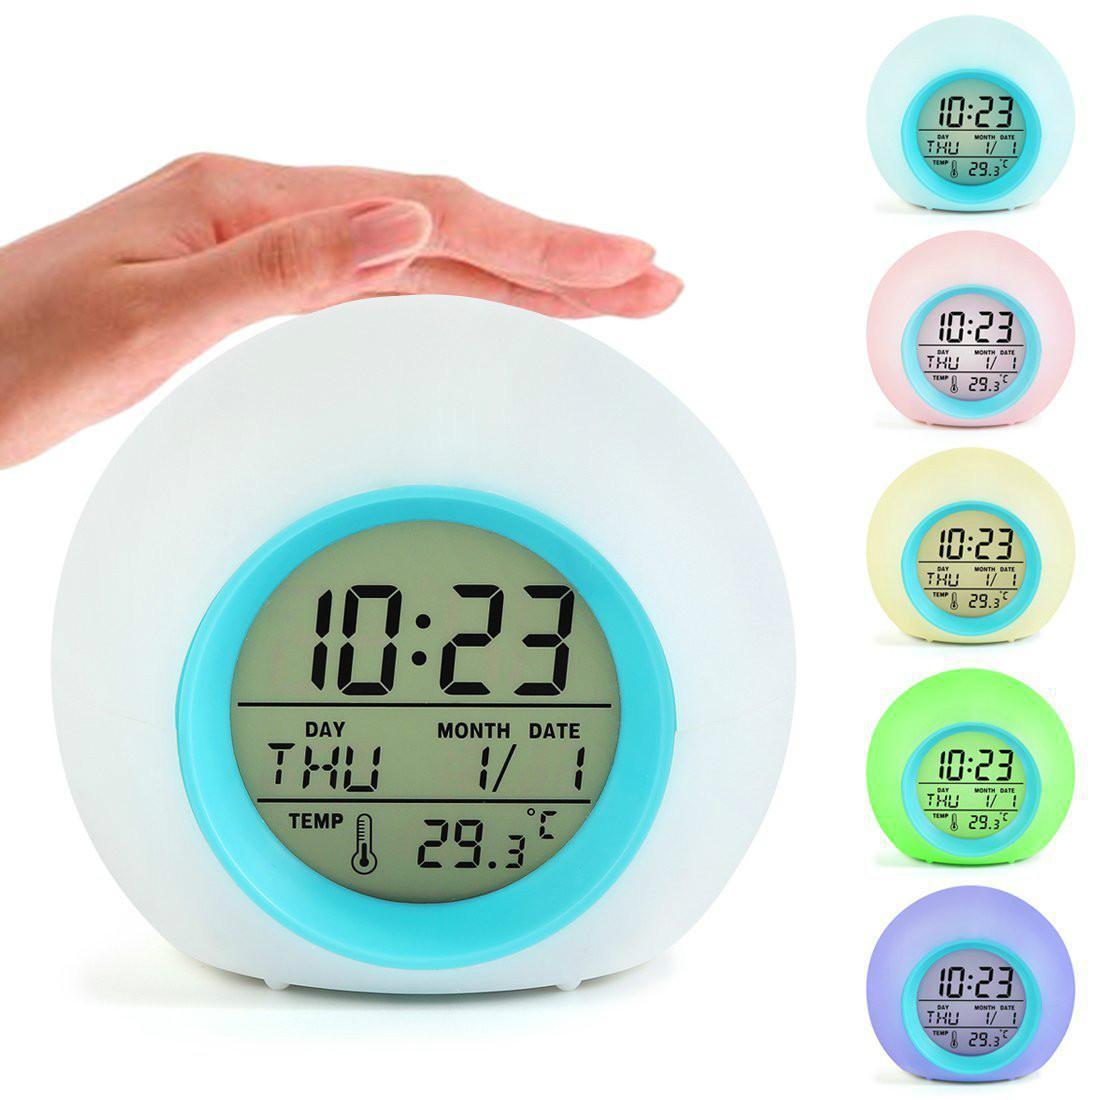 7 ألوان الصمام تغيير مكتب المنبه الرقمية ميزان الحرارة بات ليلة الخفيفة متوهجة مكعب LCD ساعة الديكور المنزلي درجة الحرارة